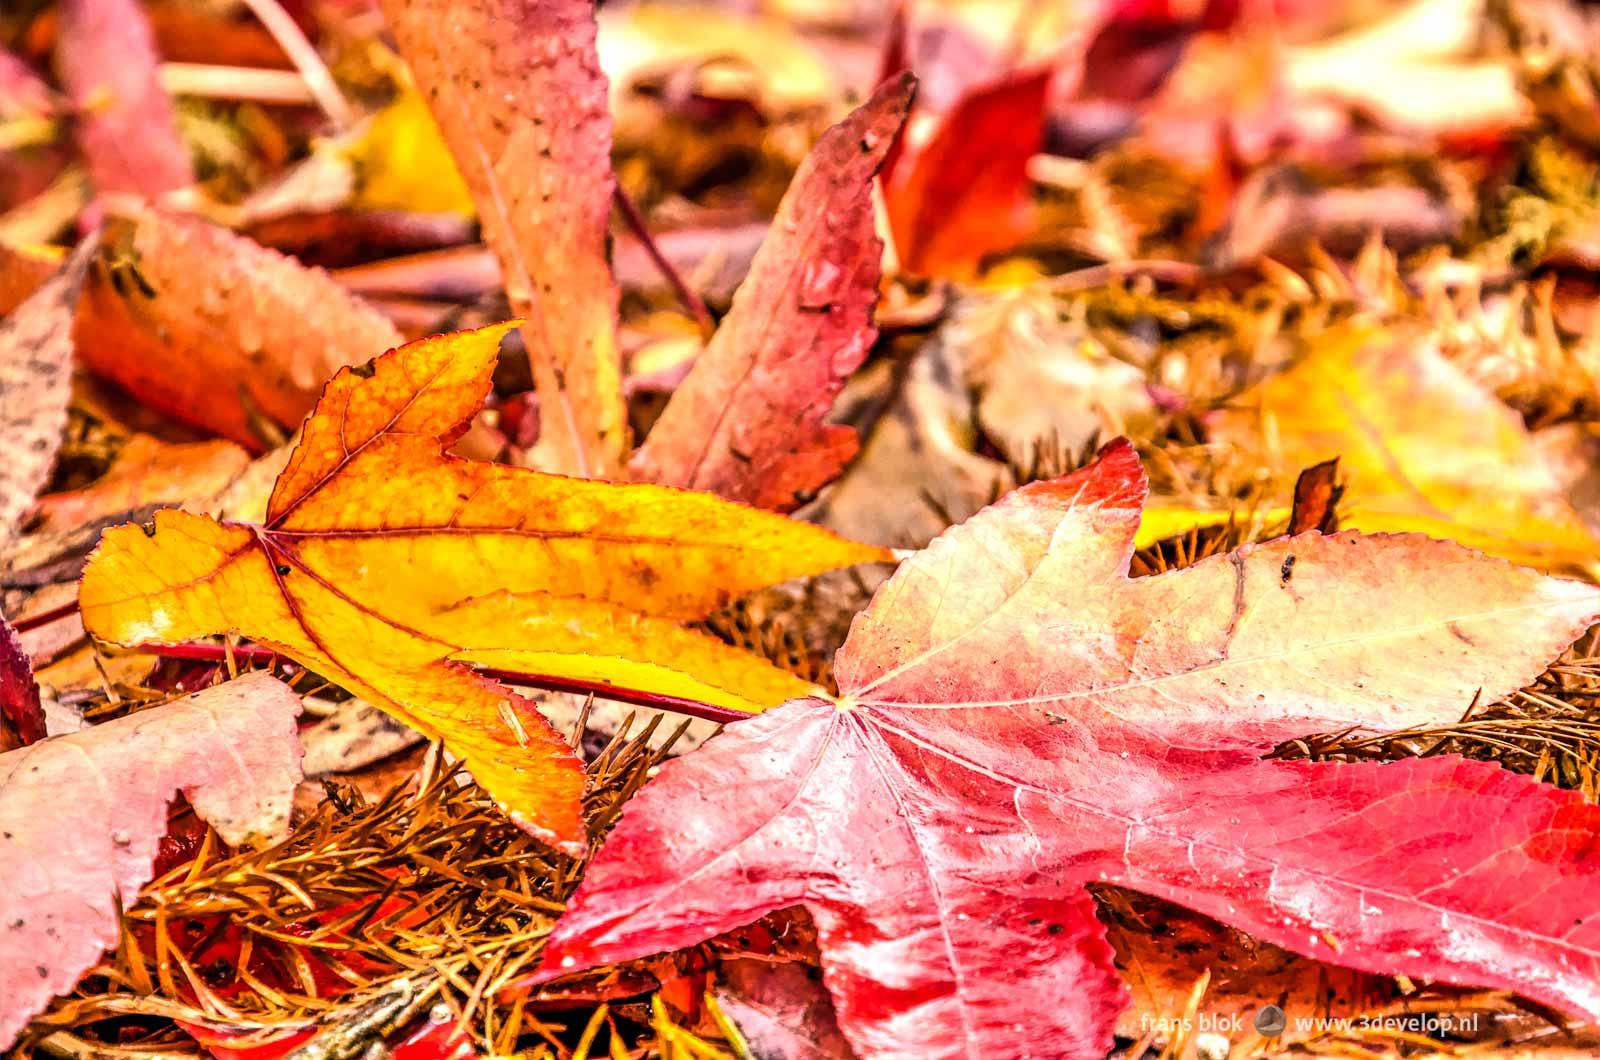 Close-up van twee bladeren in de herfst, een rood en een geel,liggend op de grond tussen andere gevallen bladeren.